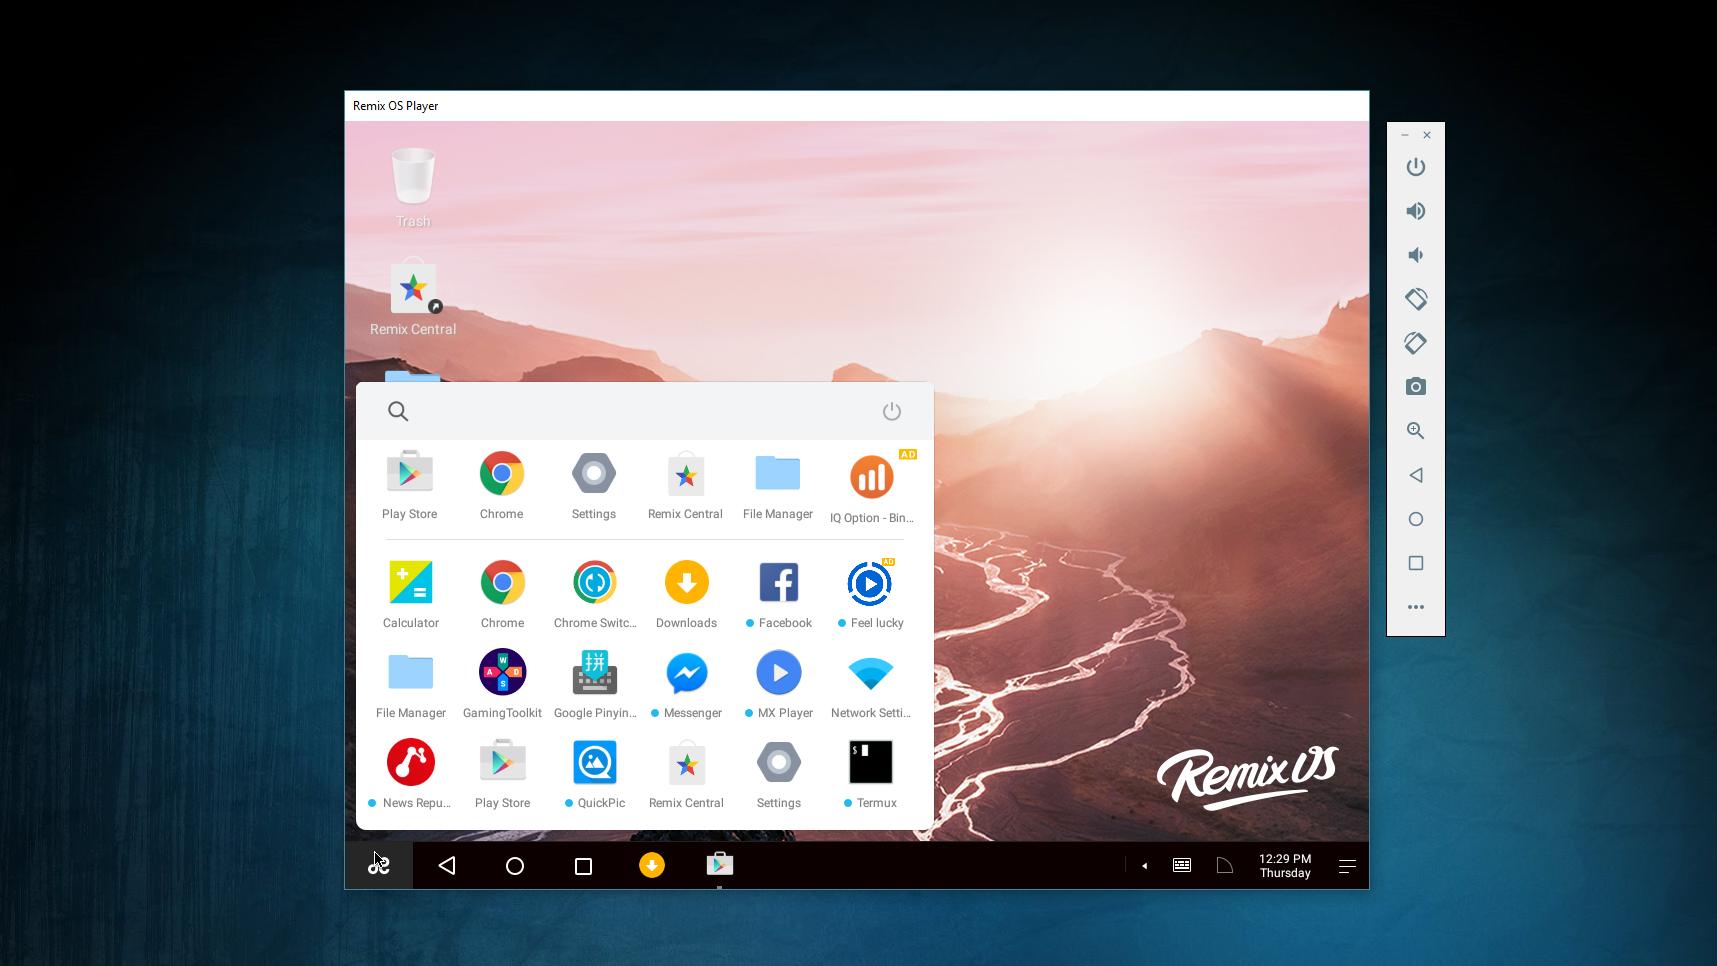 Remix Os Player Nuevo Emulador Gratuito Para Usar Android En Windows Descubreelfuturo Desktop Screenshot